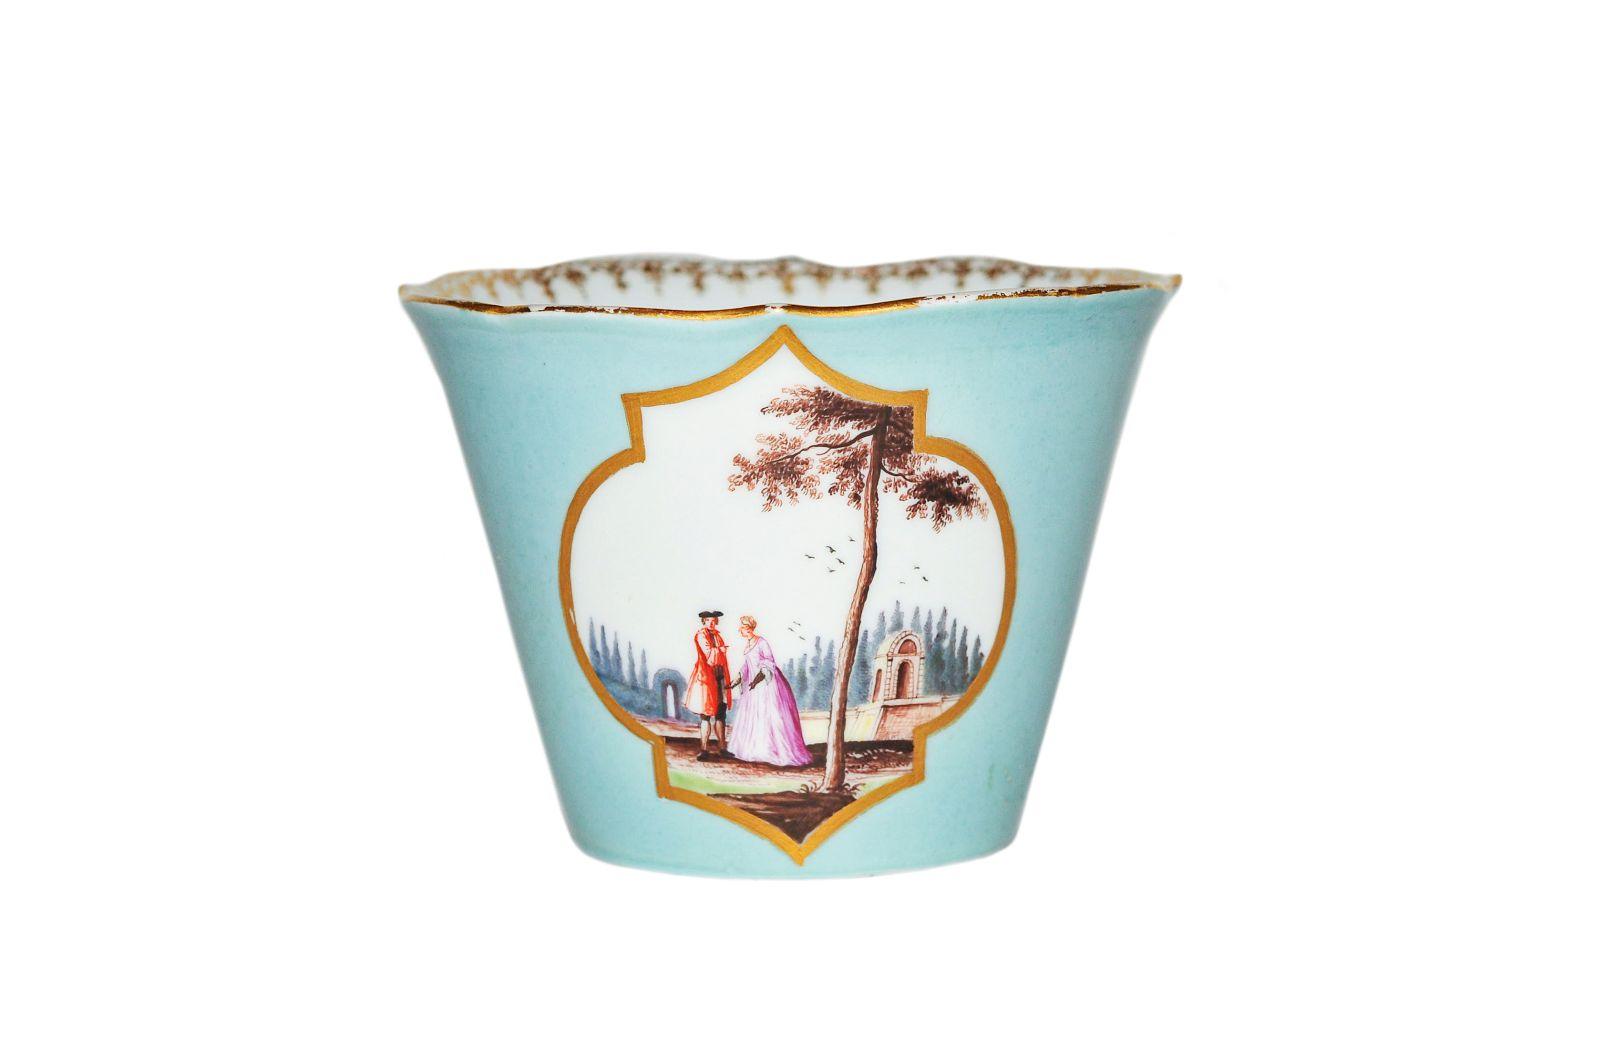 #181 Decorative cup with watteau scenes Meissen 1740 | Zierbecher mit Watteauszenen Image